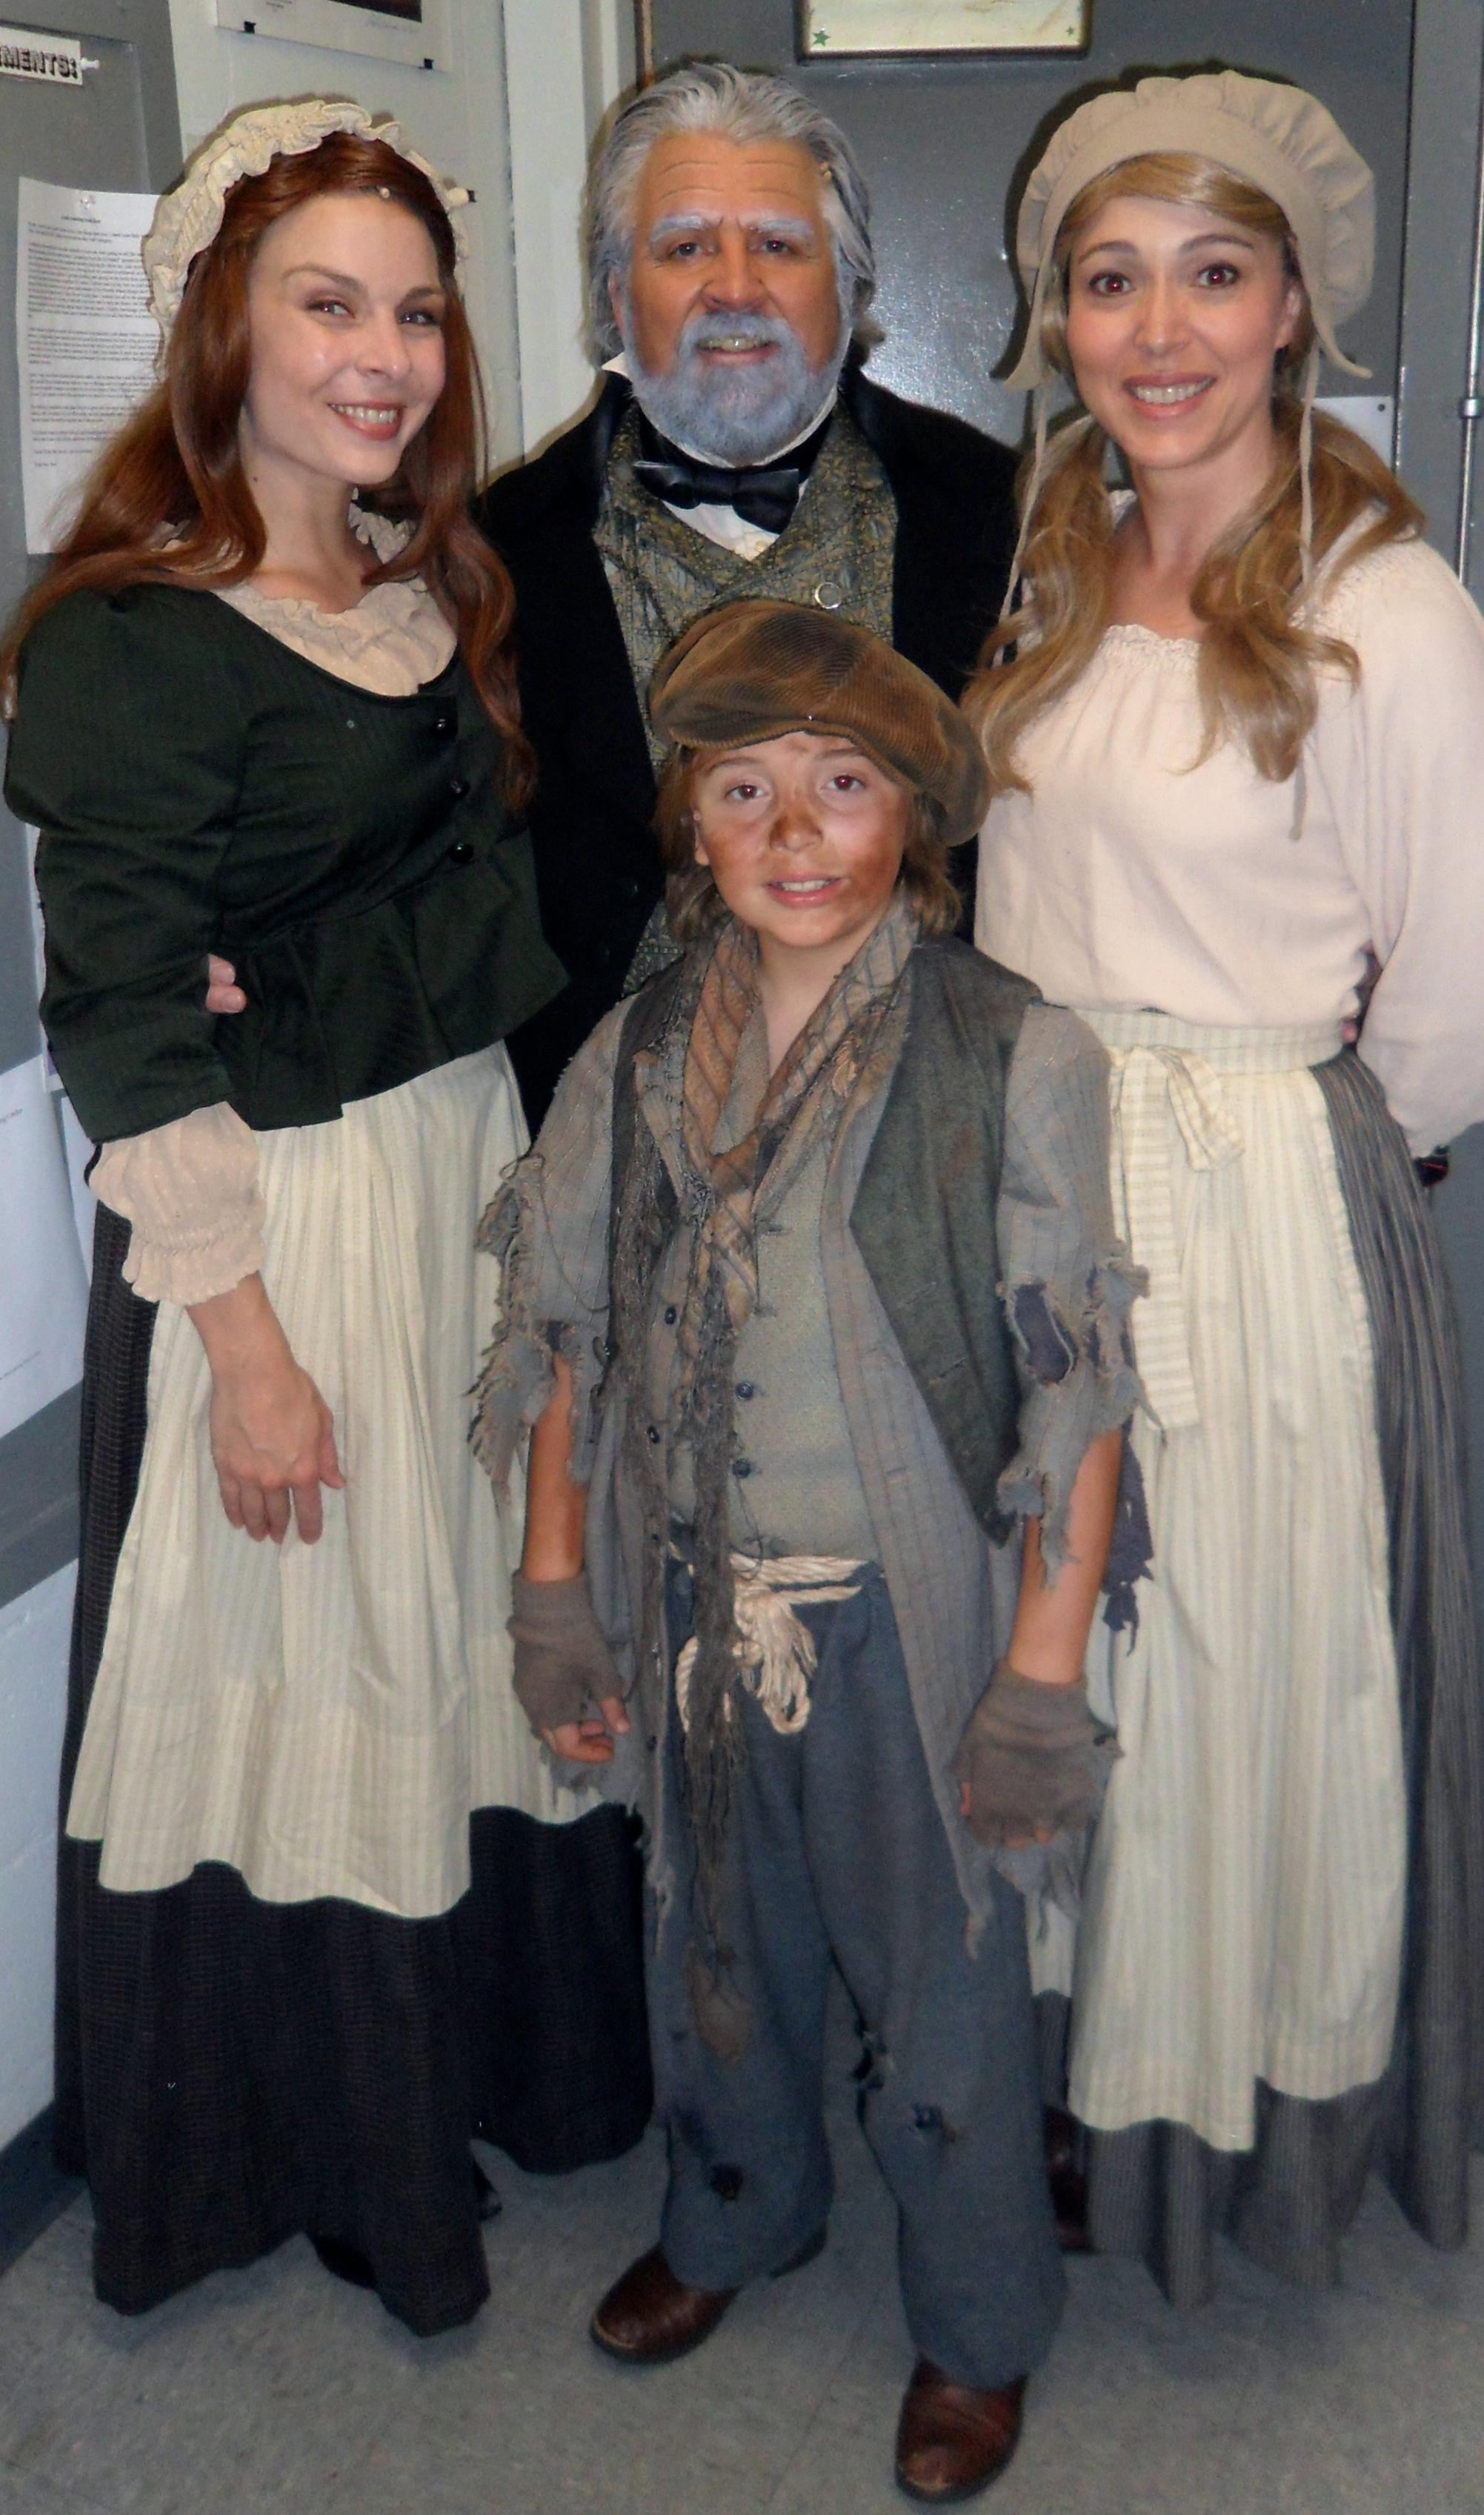 The crazy talented Felty family! David (Jean Valjean), Jen (Ensemble), & Noah (Gavroche).